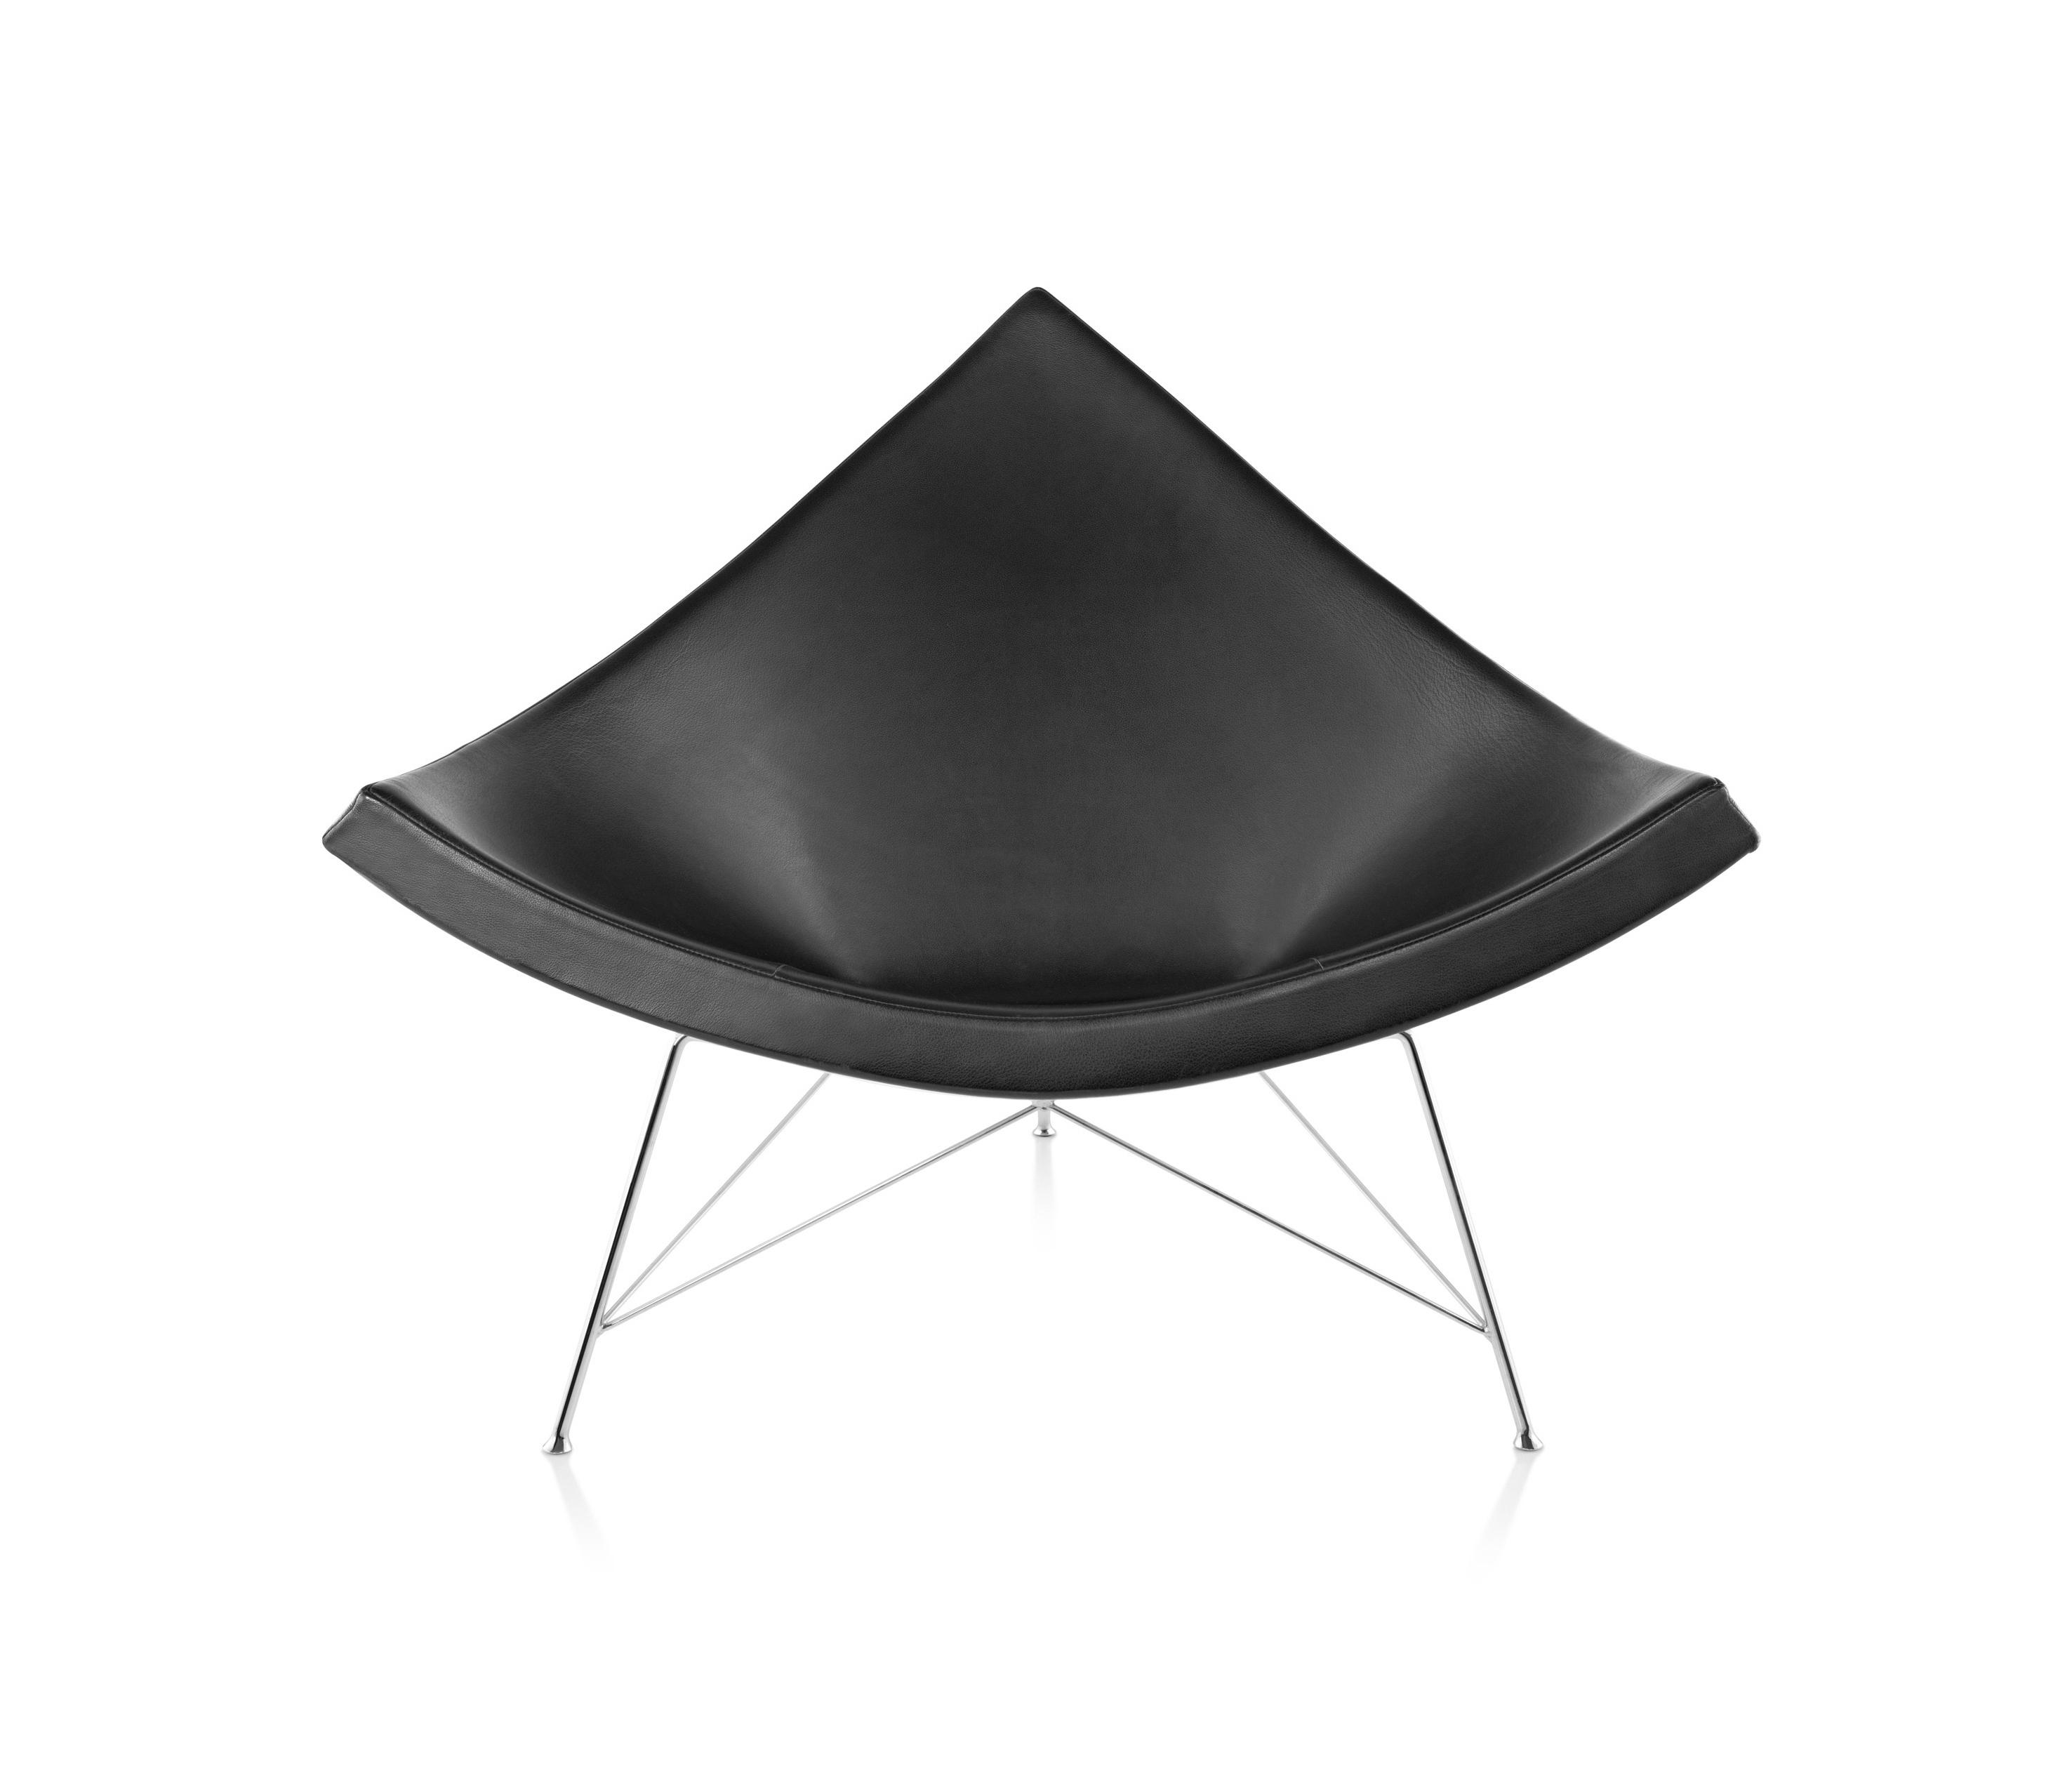 nelson coconut chair von herman miller loungesessel - Herman Miller Tischsysteme